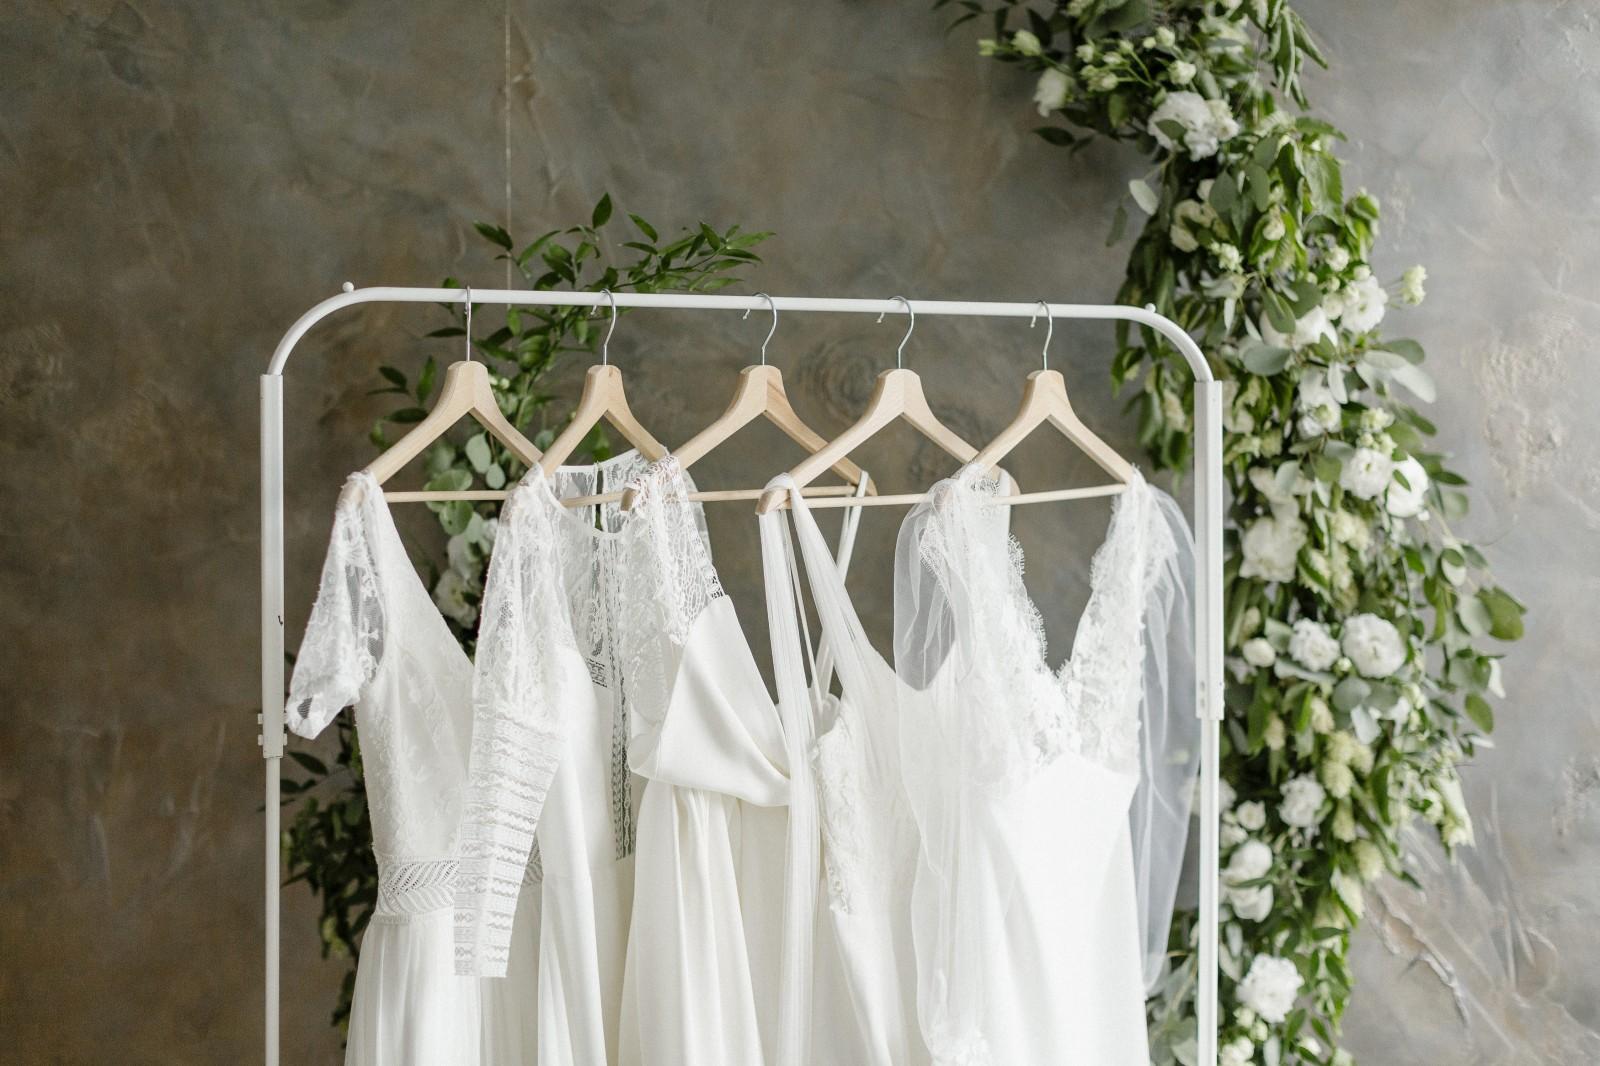 La collection bienveillance 2021 est composé de robe de mariée ecoresponsable, biodégradable et zéro déchet.